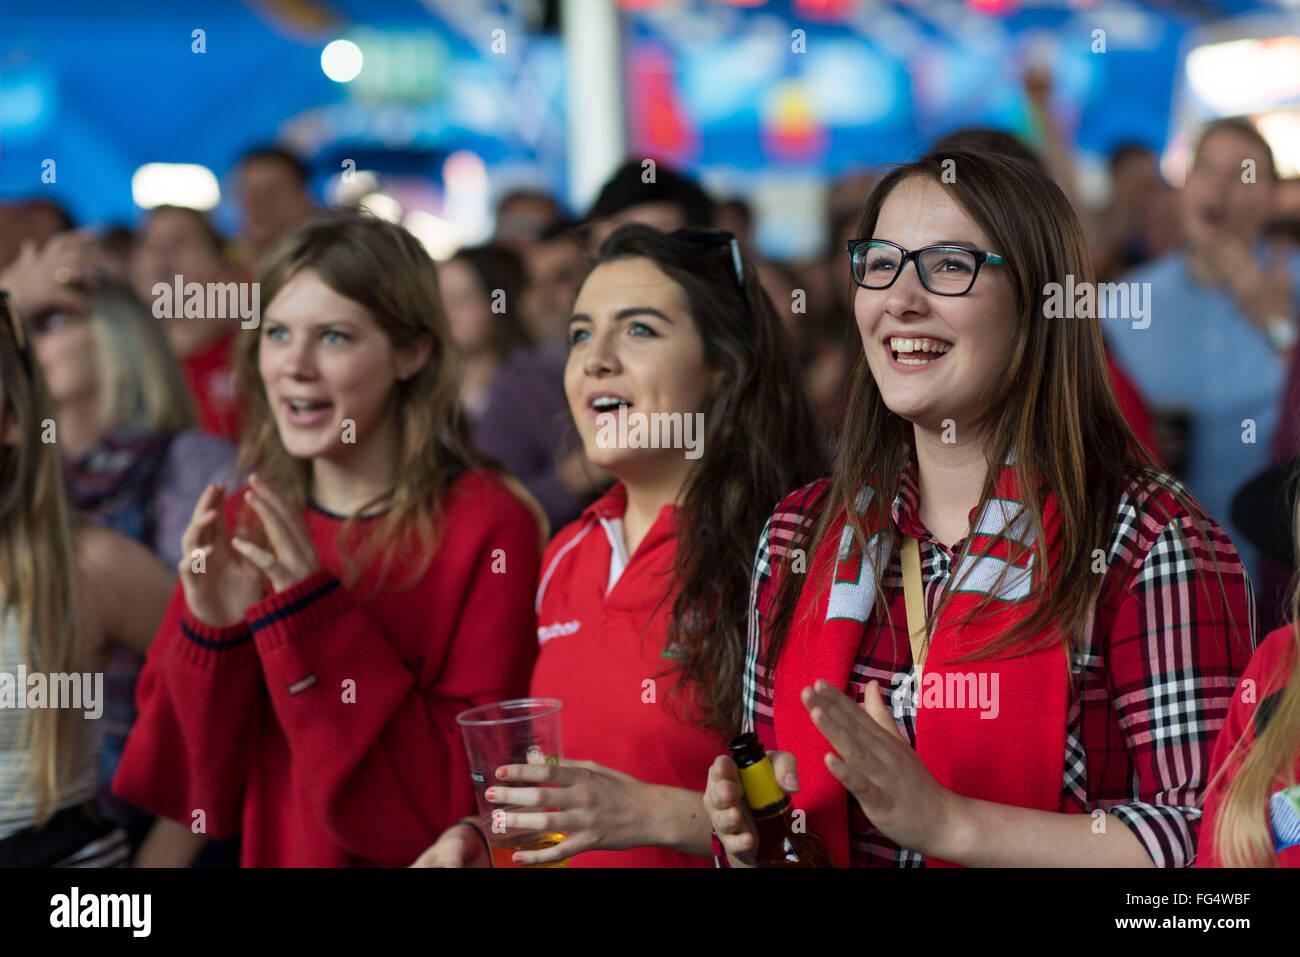 Leidenschaftliche Wales Rugby-Fans sehen Wales während der Rugby-Weltmeisterschaft 2015 in der Fanzone Cardiff Stockbild